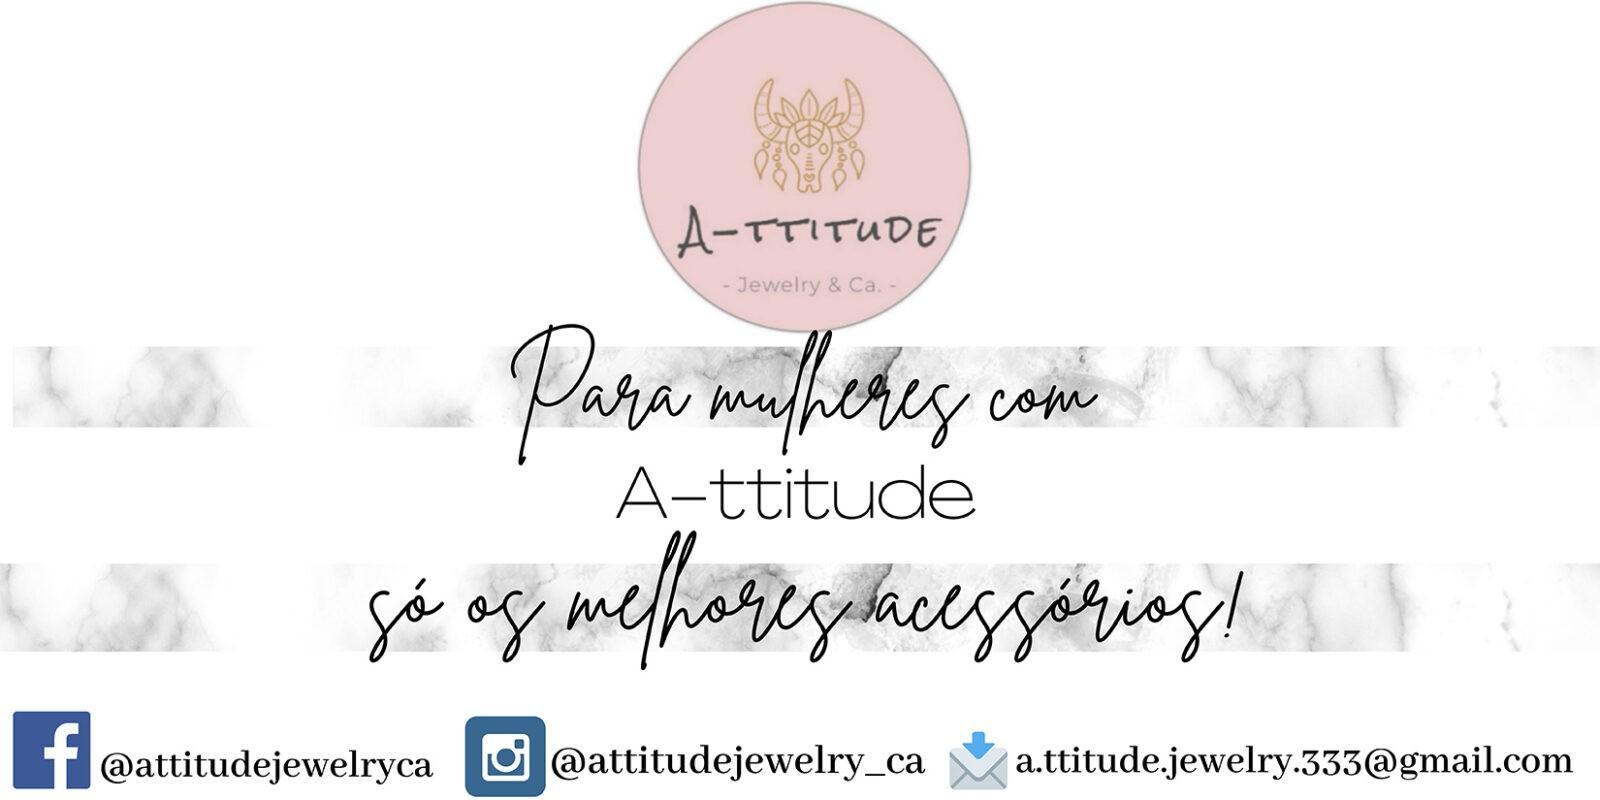 A-ttitude Jewelry & Ca